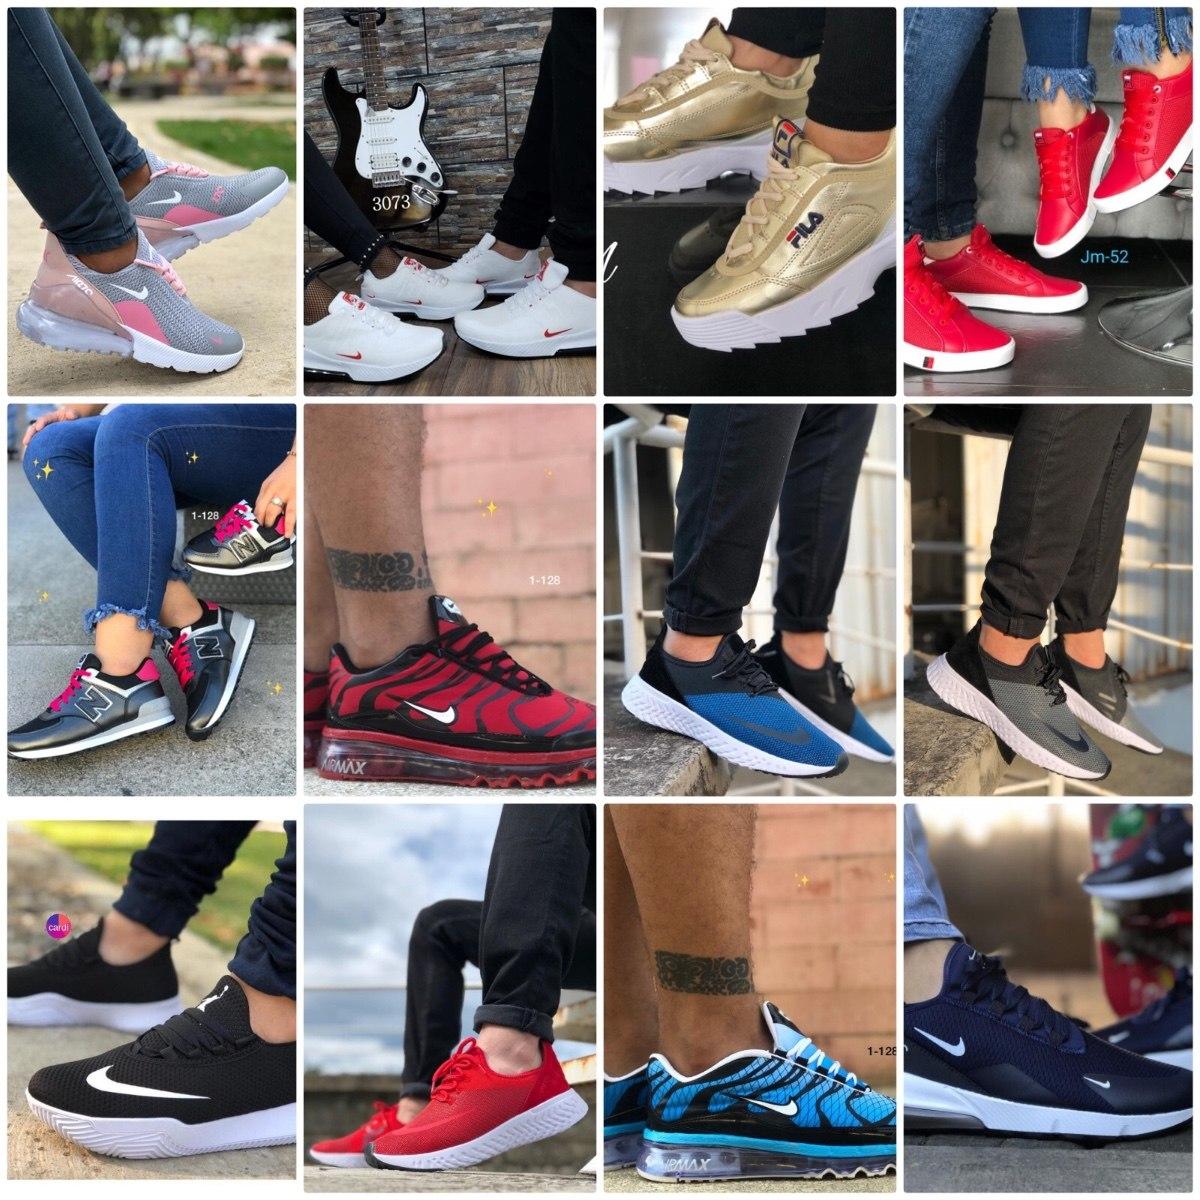 Baratos S Qxfbz Mujer Más Nike Para Adidas 50 Hombre Zapatos Y Yuqyxr U rqqInOwf